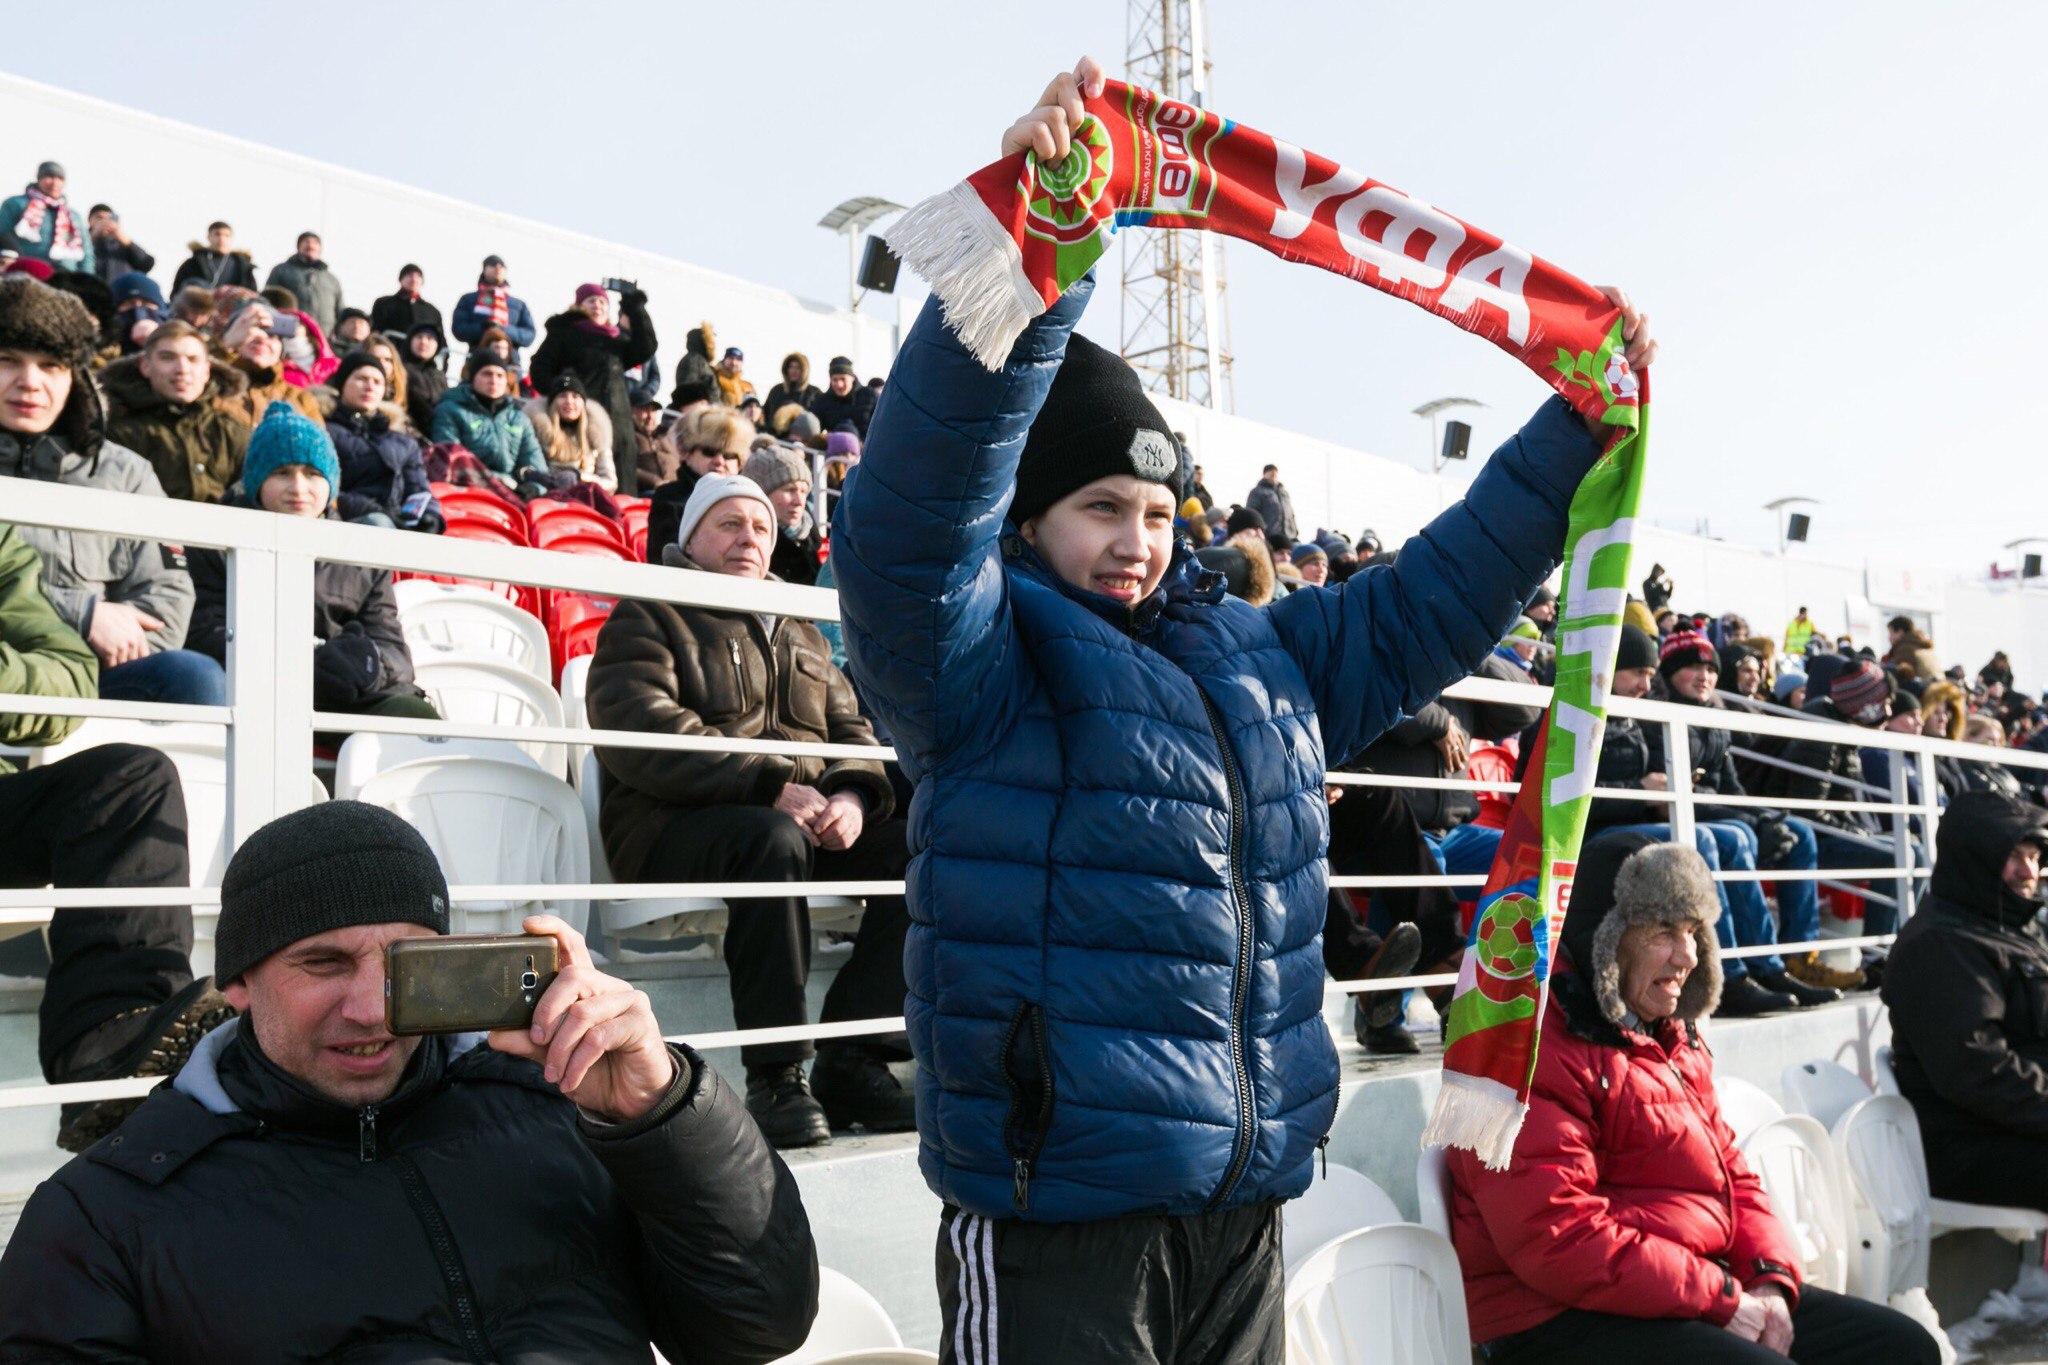 Шамиль Газизов: «У нас сложные матчи, хотелось бы играть в достойном окружении»